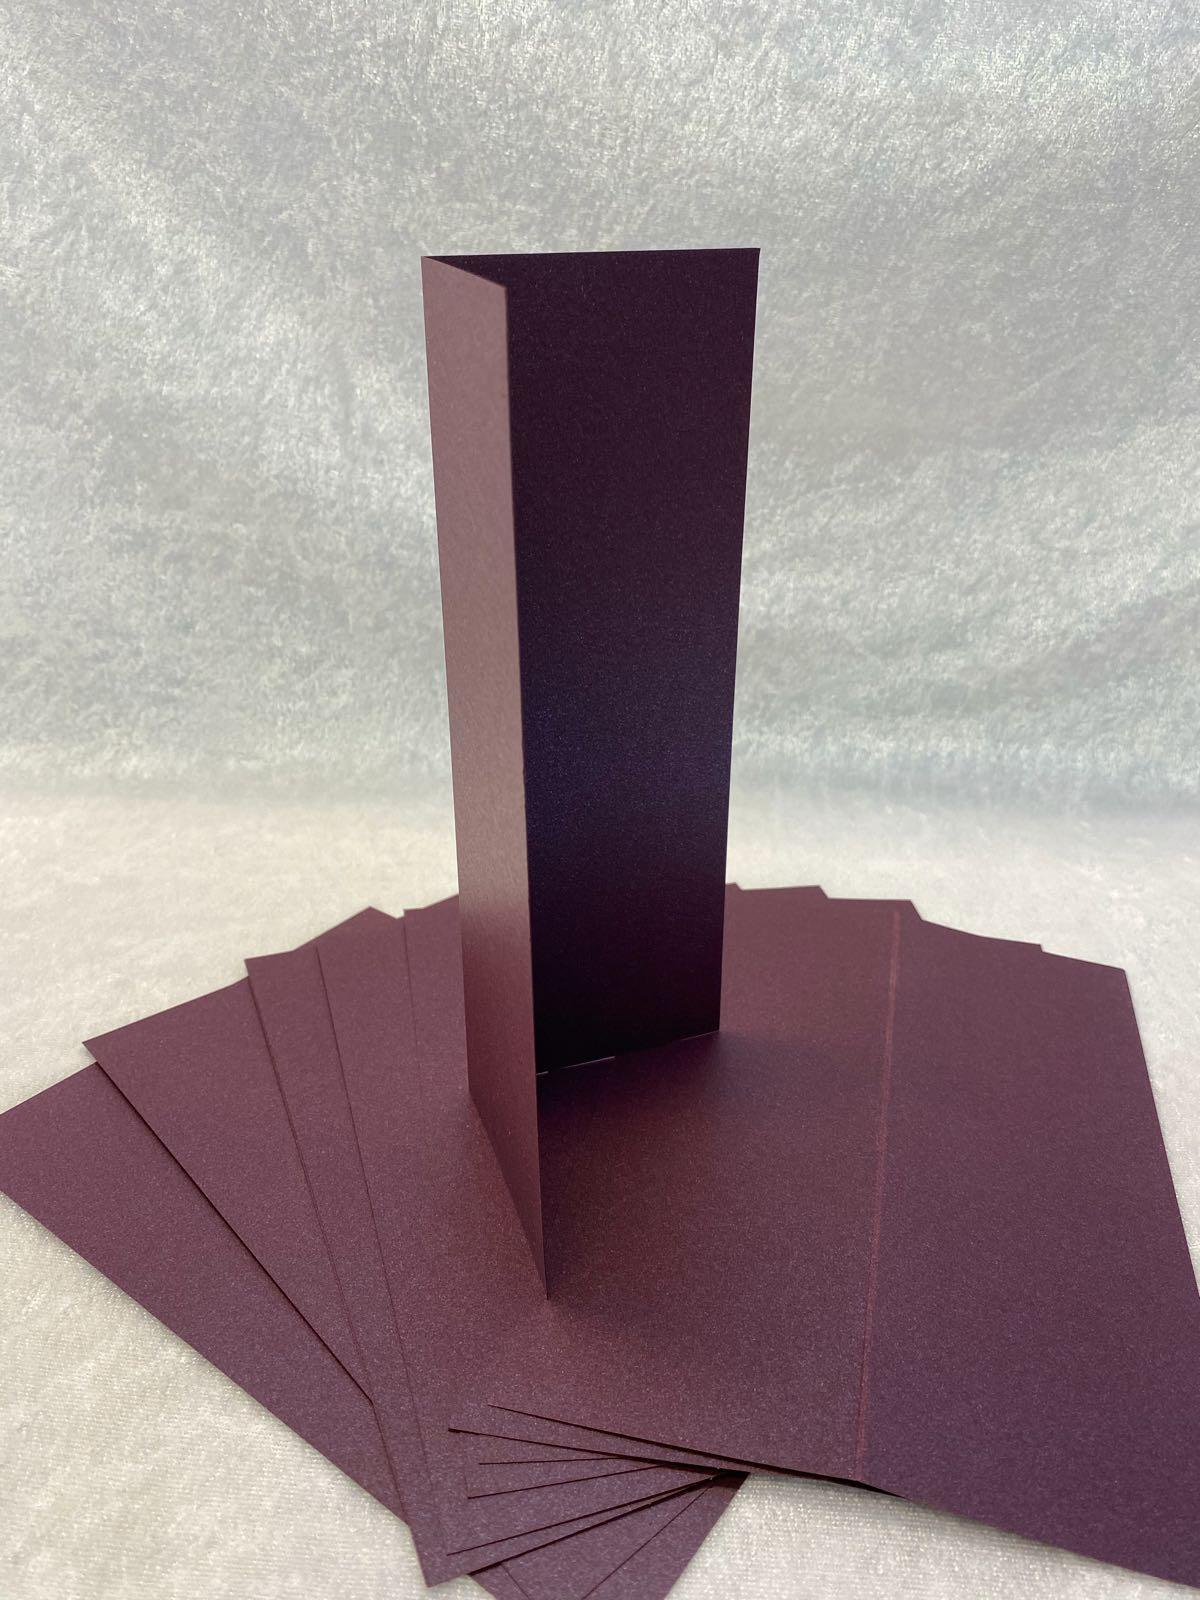 Slimcard base shimmer lilla/ aubergine. 10 stk. TILBUDSPRIS: kun kr 25,- pr pk.